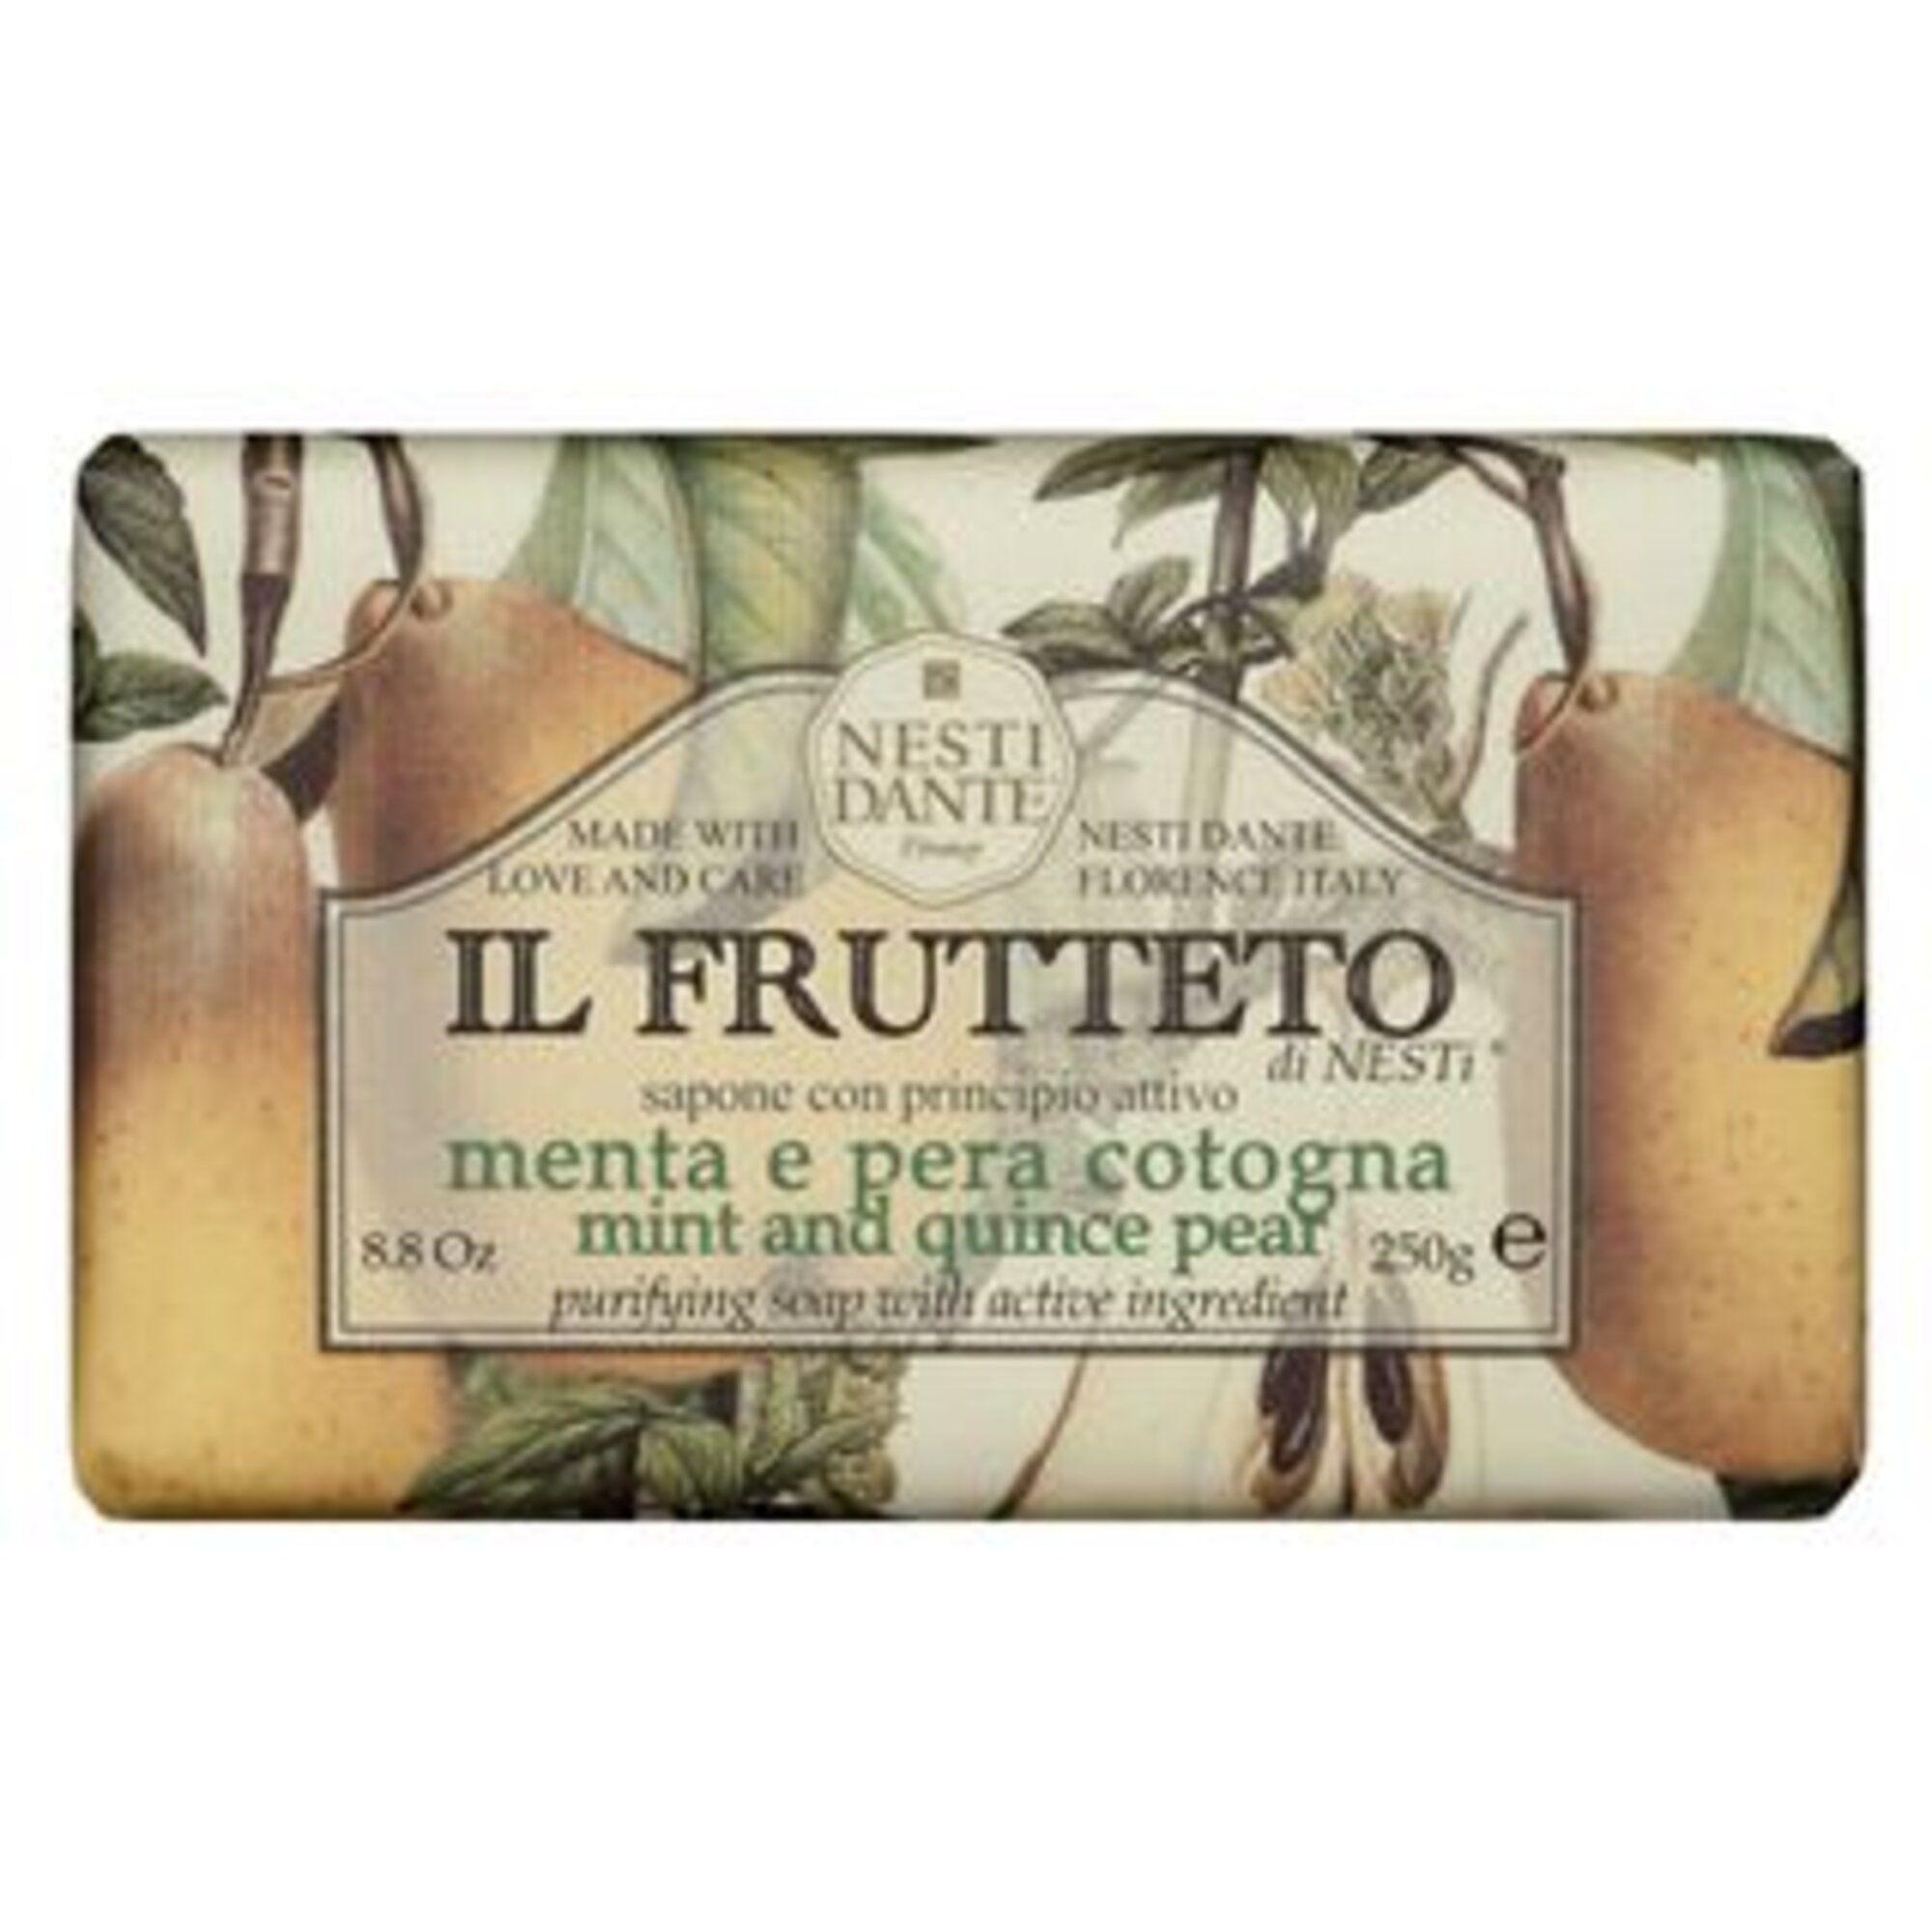 Sabonete Il Frutteto Menta e Pêra Cotogna 250g Nesti Dante